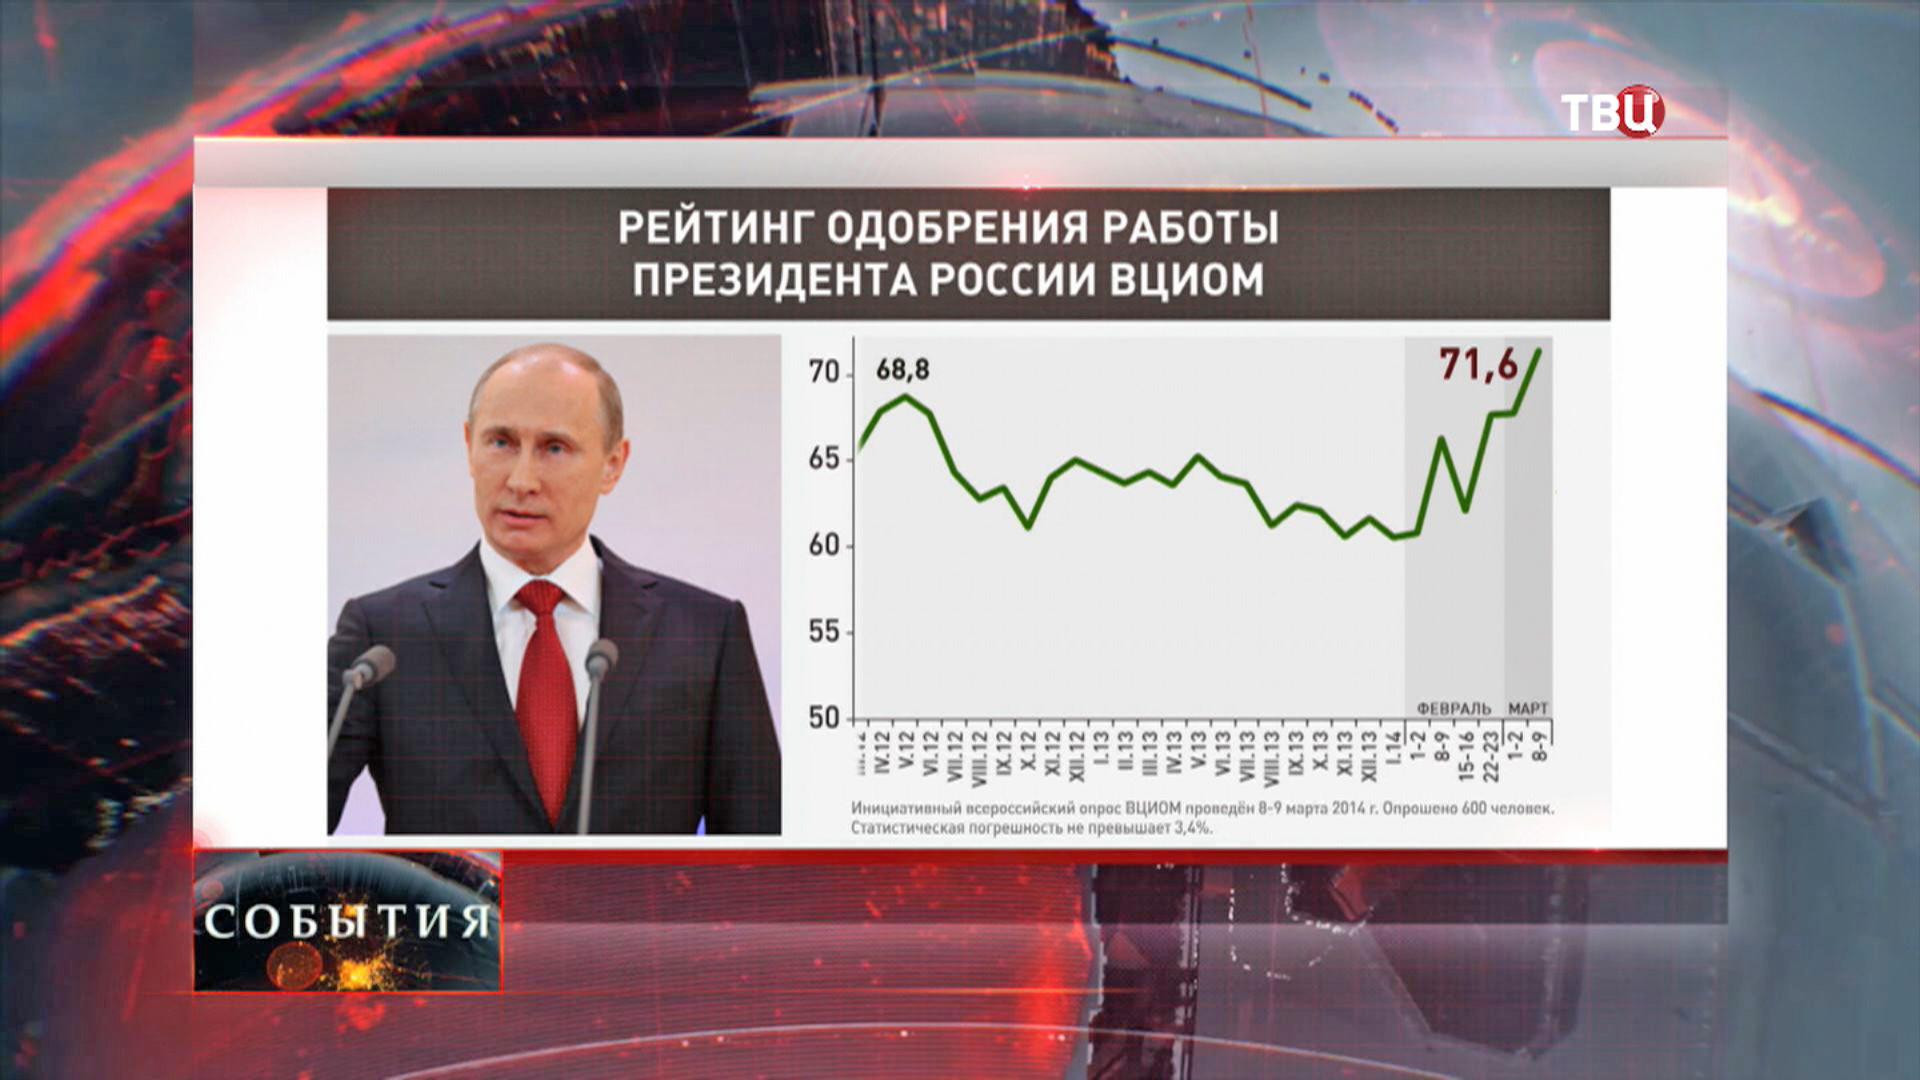 Рейтинг одобрения работы президента России